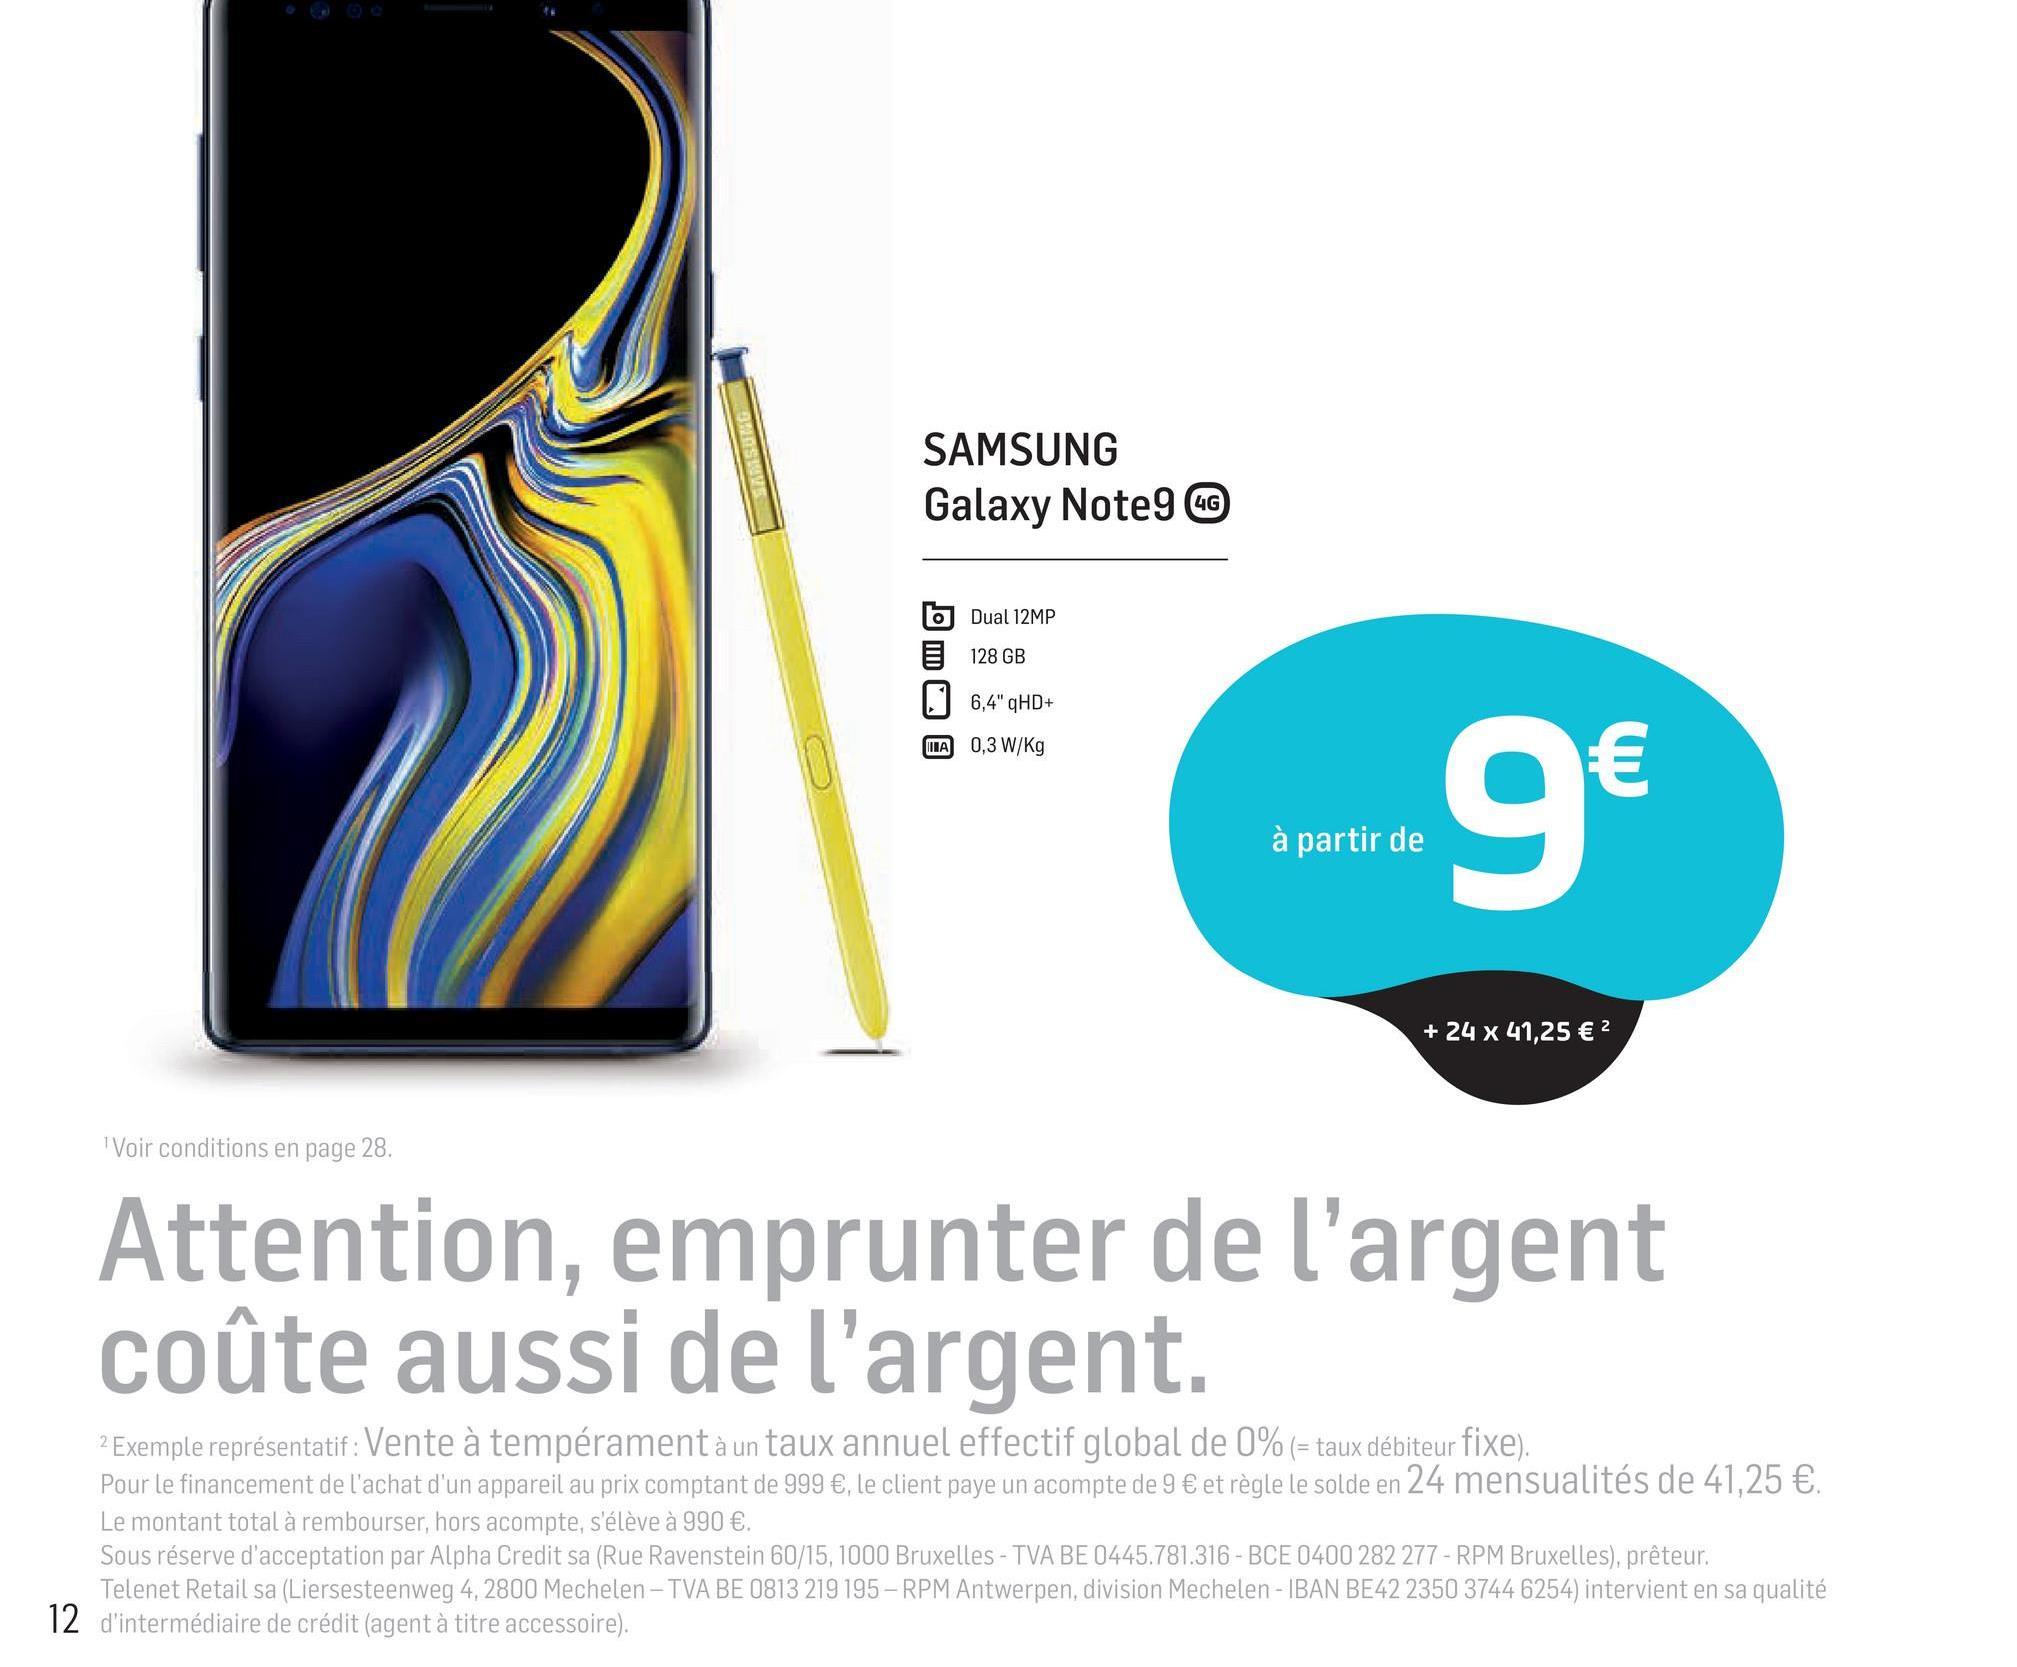 """SLOVE SAMSUNG Galaxy Note9 GG b Dual 12MP 128 GB 1 6,4"""" HD+ TA 0,3W/Kg is varirea 9 € à partir de + 24 x 41,25 € 2 Voir conditions en page 28. Attention, emprunter de l'argent coûte aussi de l'argent. 2 Exemple représentatif: Vente à tempérament à un taux annuel effectif global de 0% (= taux débiteur fixe). Pour le financement de l'achat d'un appareil au prix comptant de 999 €, le client paye un acompte de 9 € et règle le solde en 24 mensualités de 41,25 €. Le montant total à rembourser, hors acompte, s'élève à 990 €. Sous réserve d'acceptation par Alpha Credit sa (Rue Ravenstein 60/15, 1000 Bruxelles - TVA BE 0445.781.316 - BCE 0400 282 277 - RPM Bruxelles), prêteur. Telenet Retail sa (Liersesteenweg 4, 2800 Mechelen - TVA BE 0813 219 195 - RPM Antwerpen, division Mechelen - IBAN BE42 2350 3744 6254) intervient en sa qualité 12 d'intermédiaire de crédit (agent à titre accessoire)."""